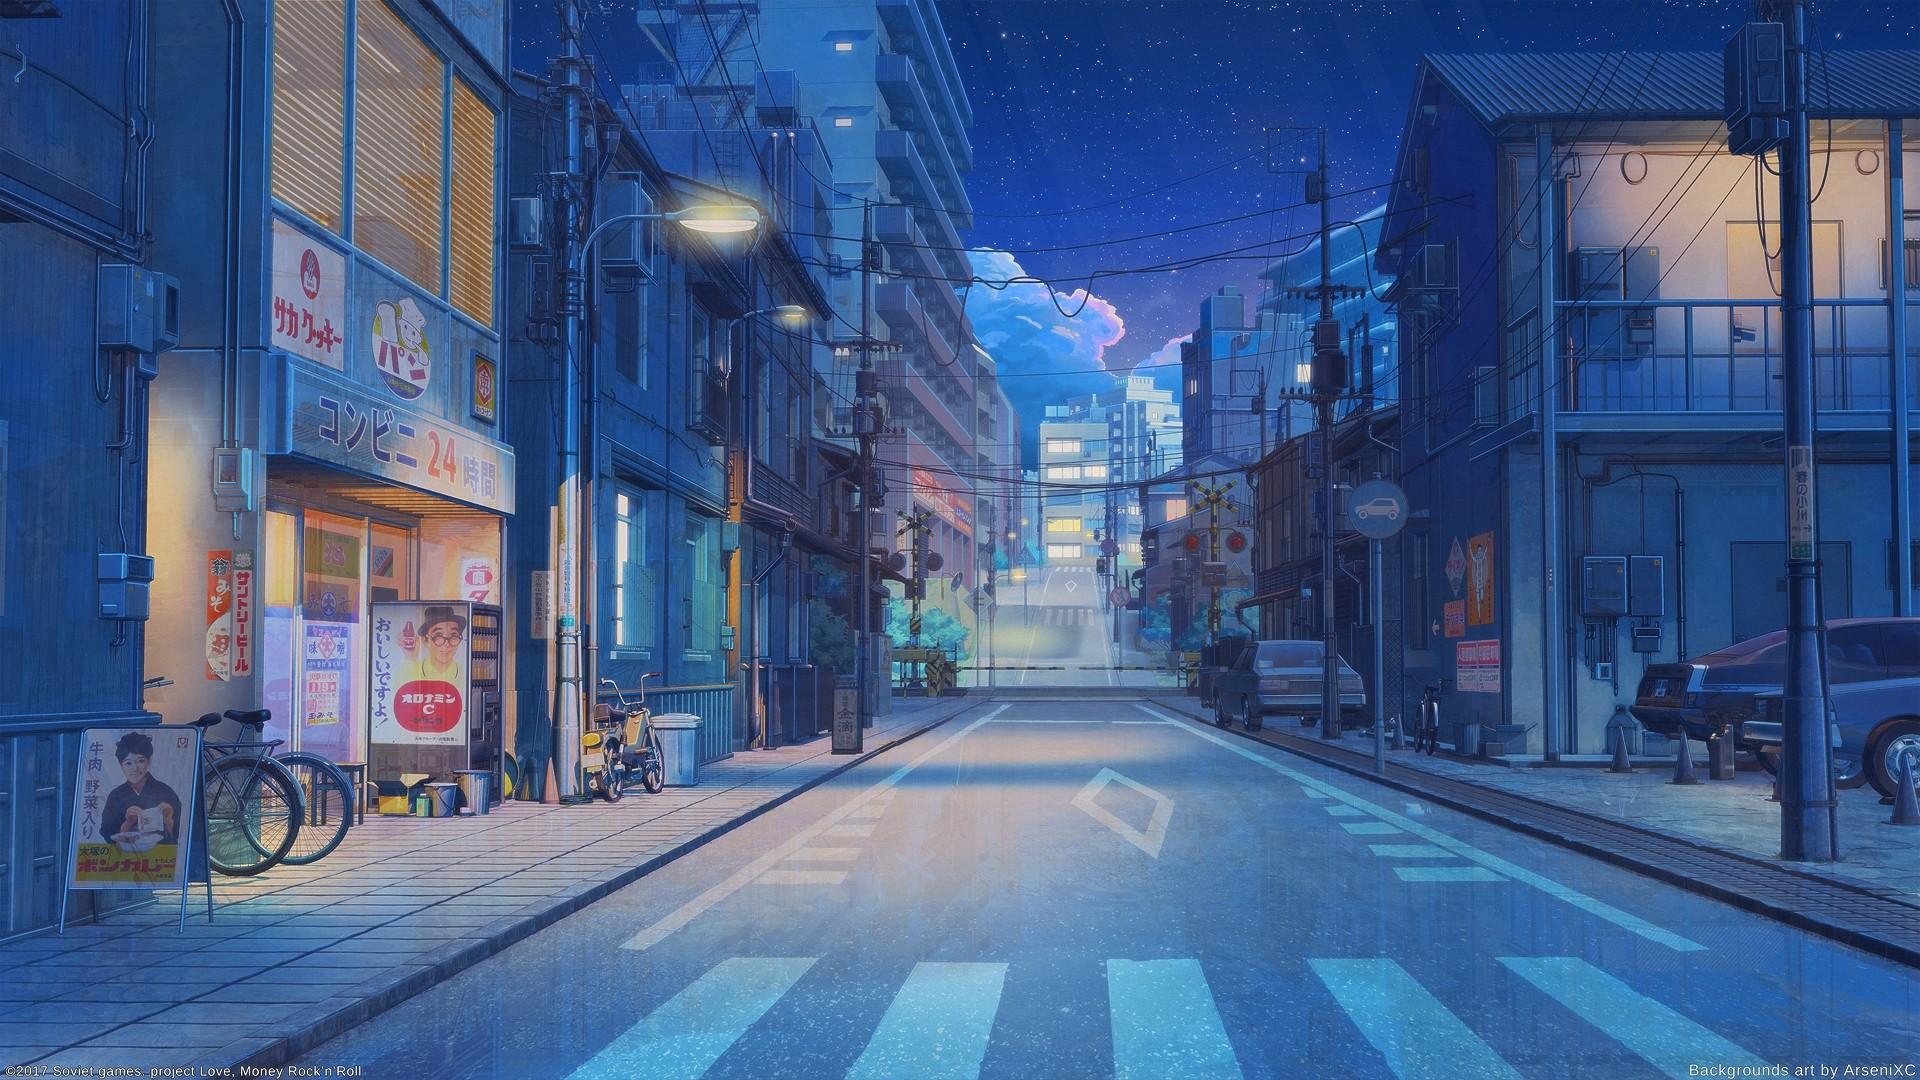 Aesthetic Anime Image